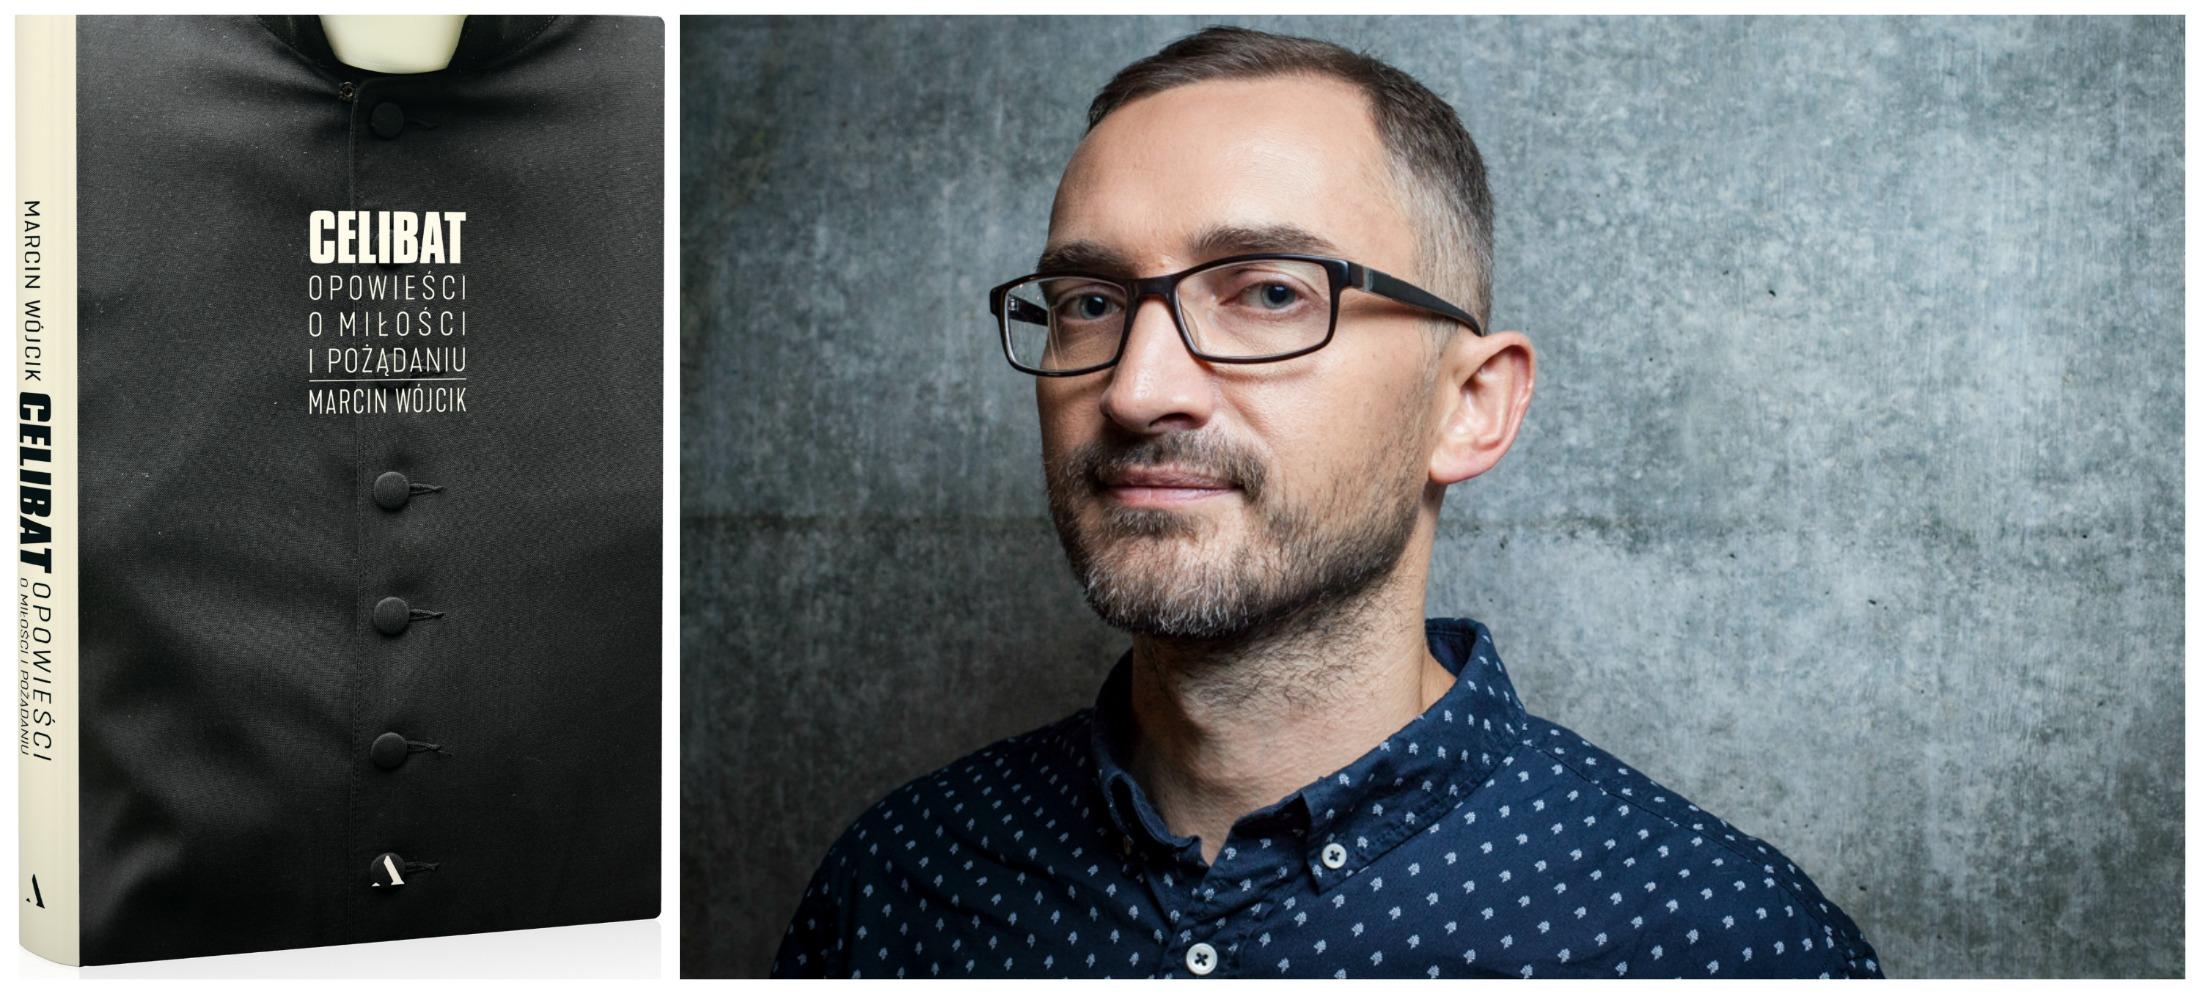 Książka Marcina Wójcika 'Celibat. Opowieści o miłości i pożądaniu' ukazała się nakładem Wydawnictwa Agora (fot. materiały prasowe)